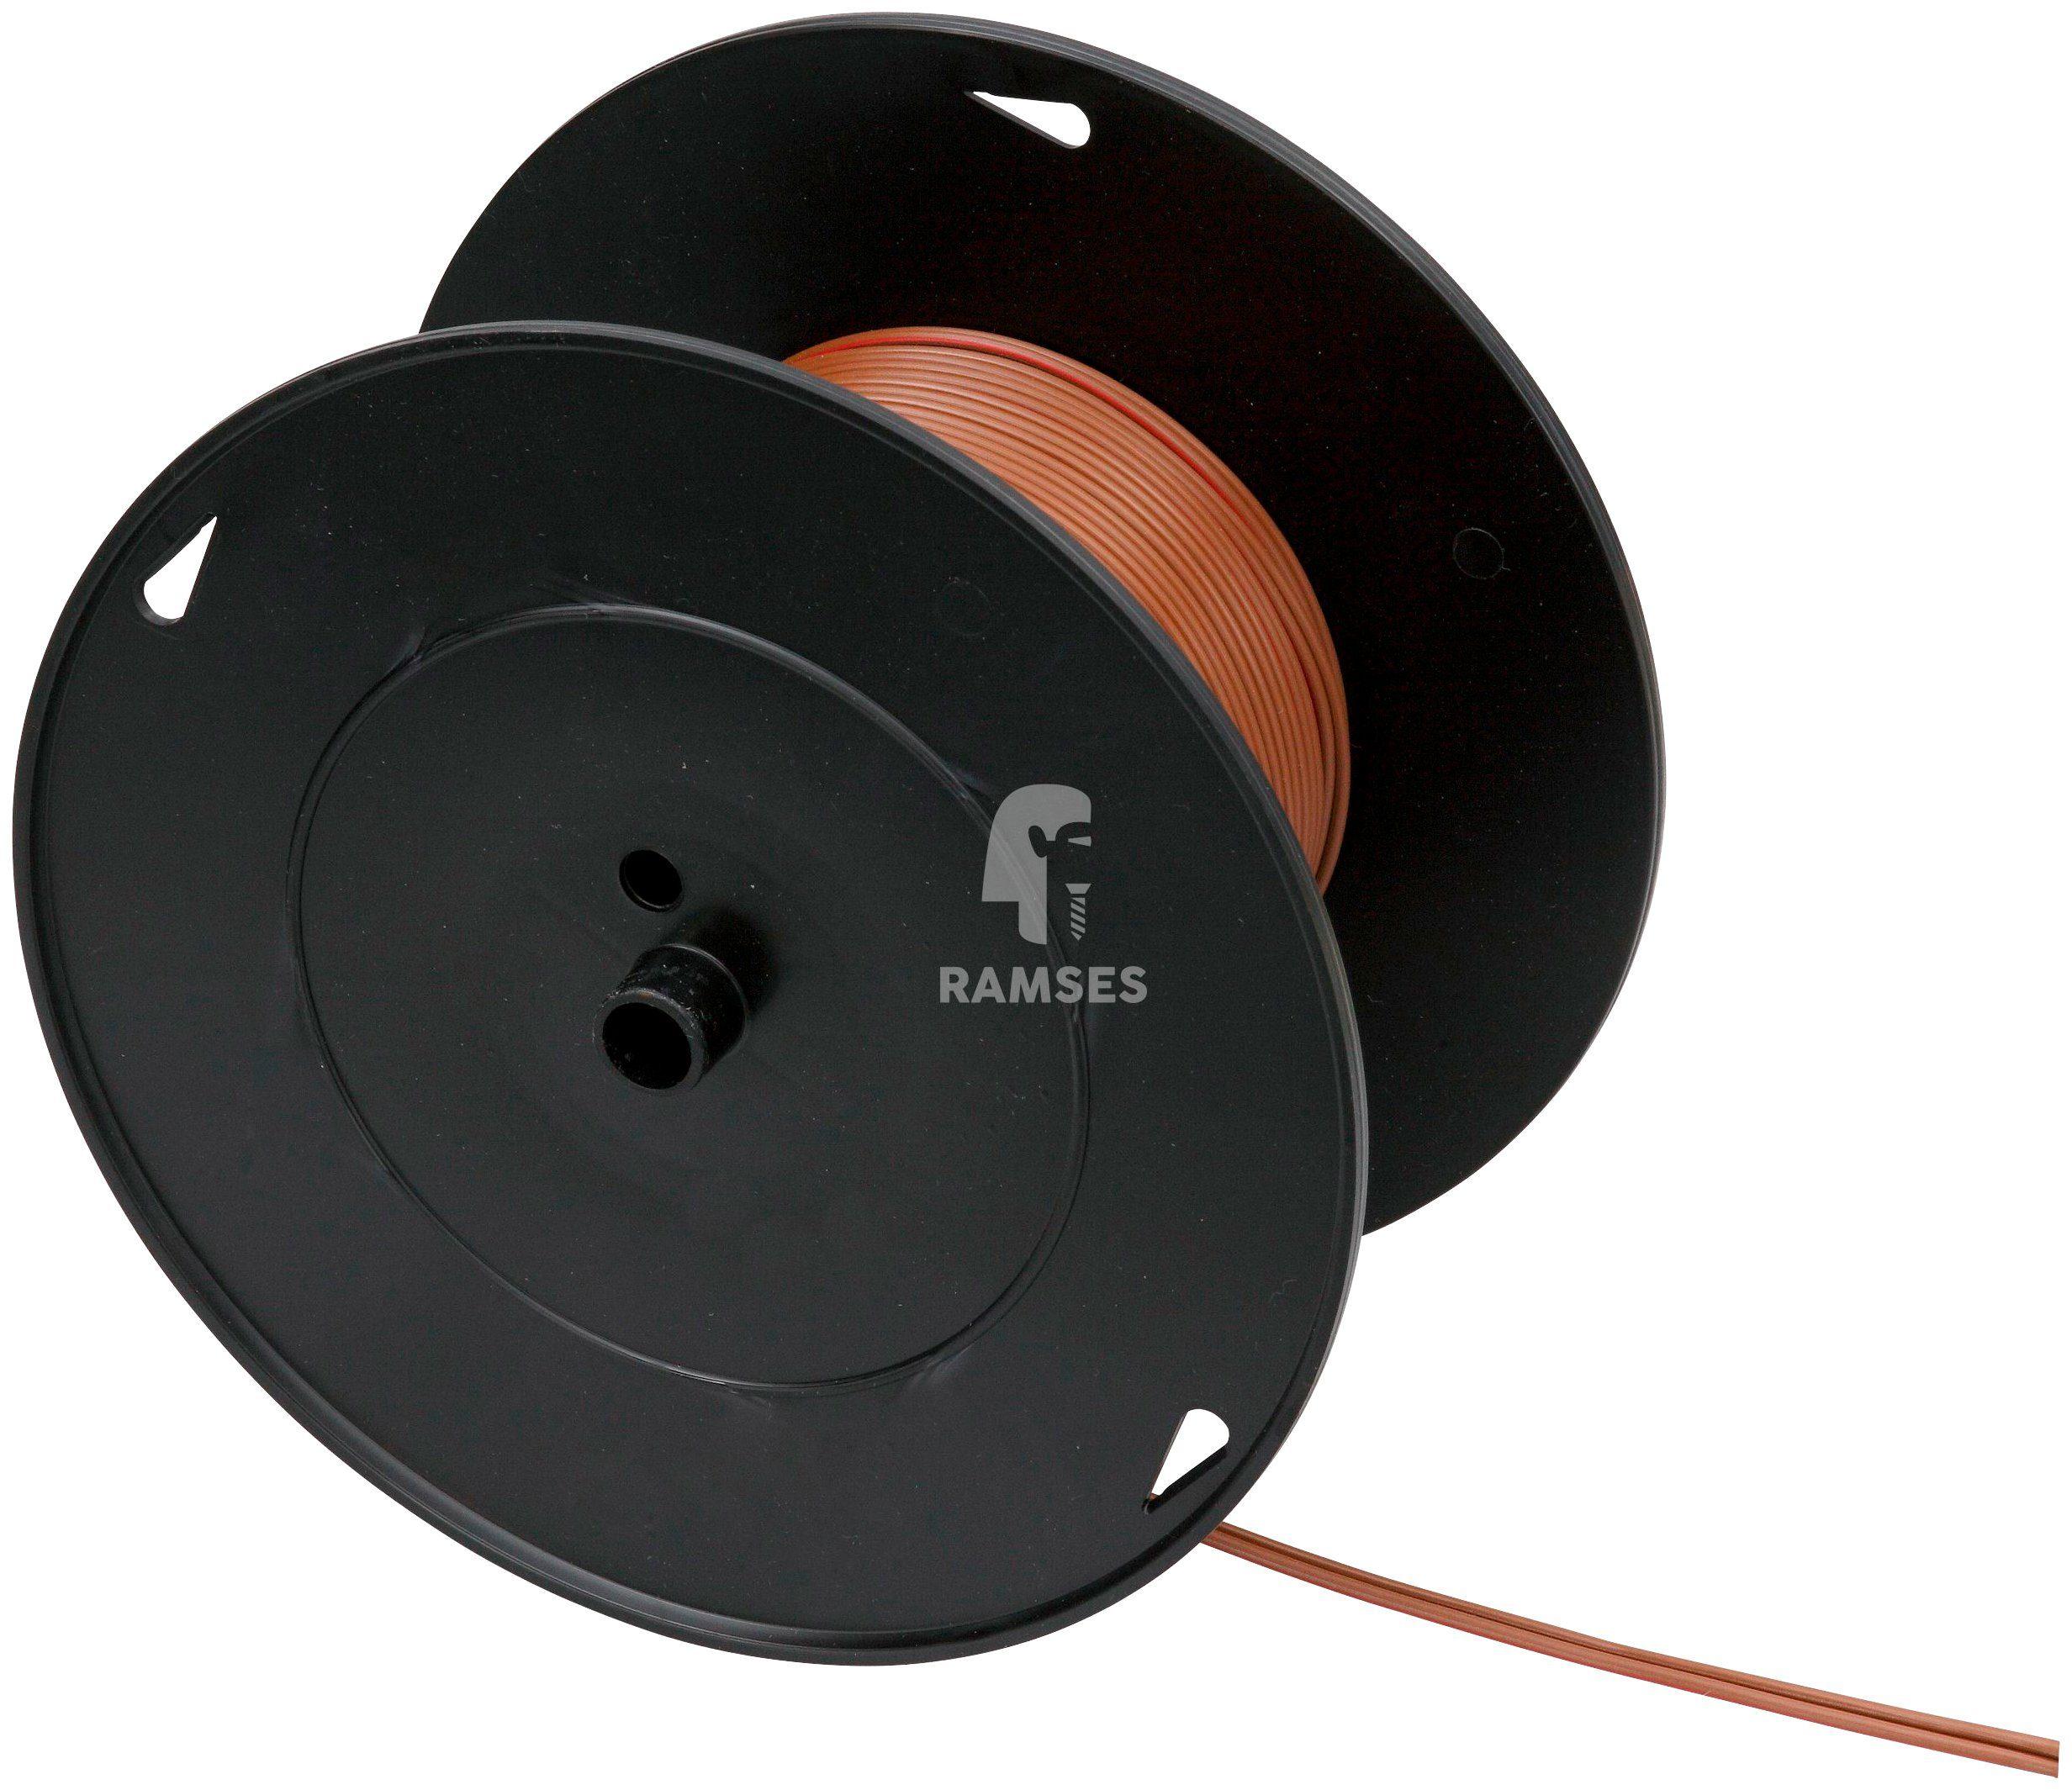 RAMSES Fahrzeugleitung , Lautsprecherleitung Braun/Rot 2 x 0,75 mm² 50 Meter